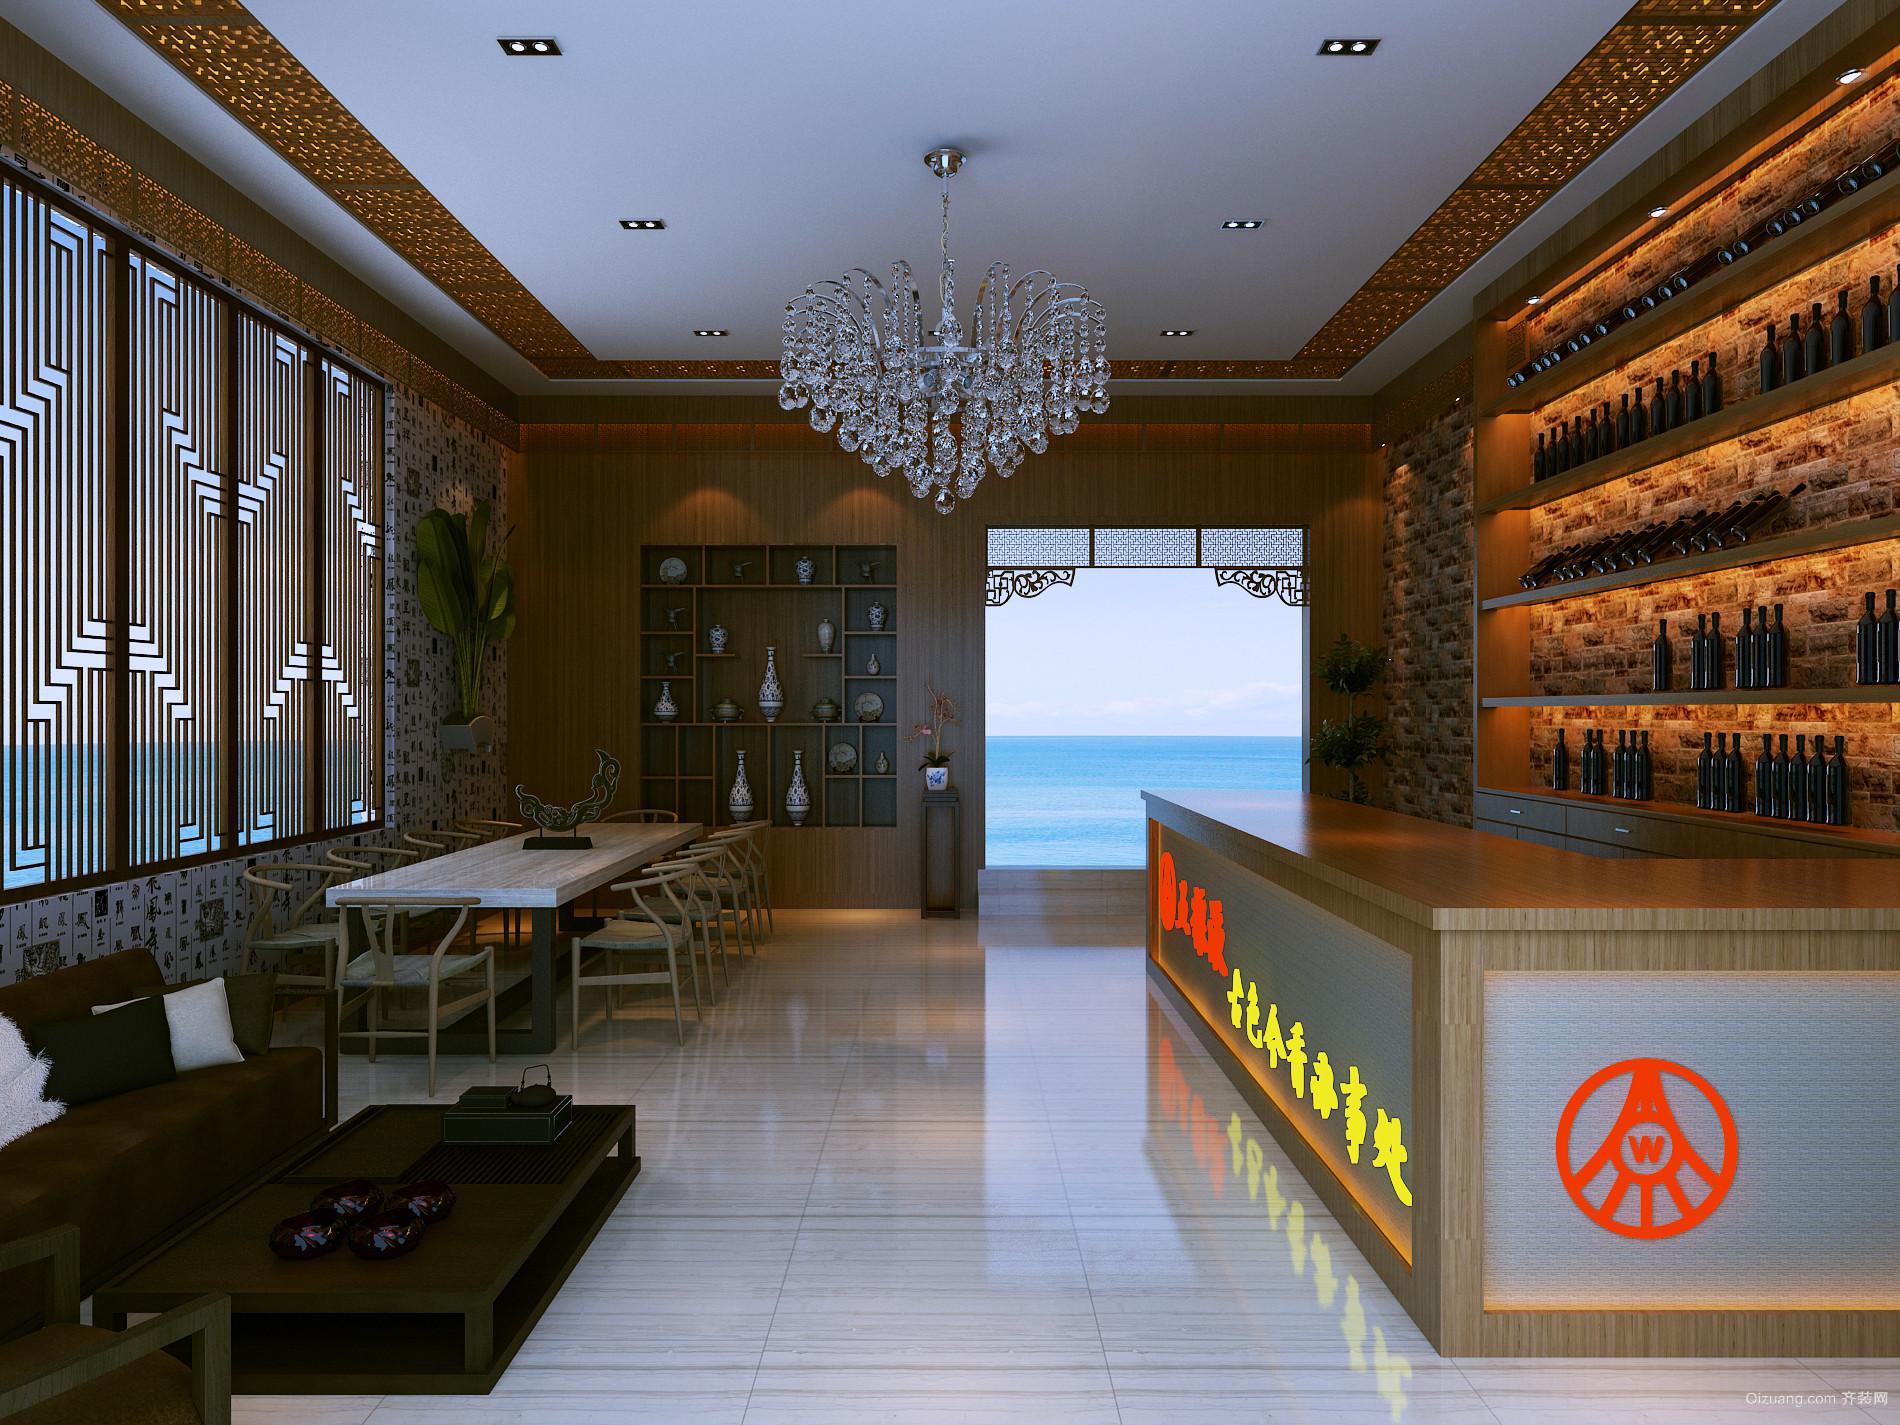 某酒业办事处中式风格装修效果图实景图